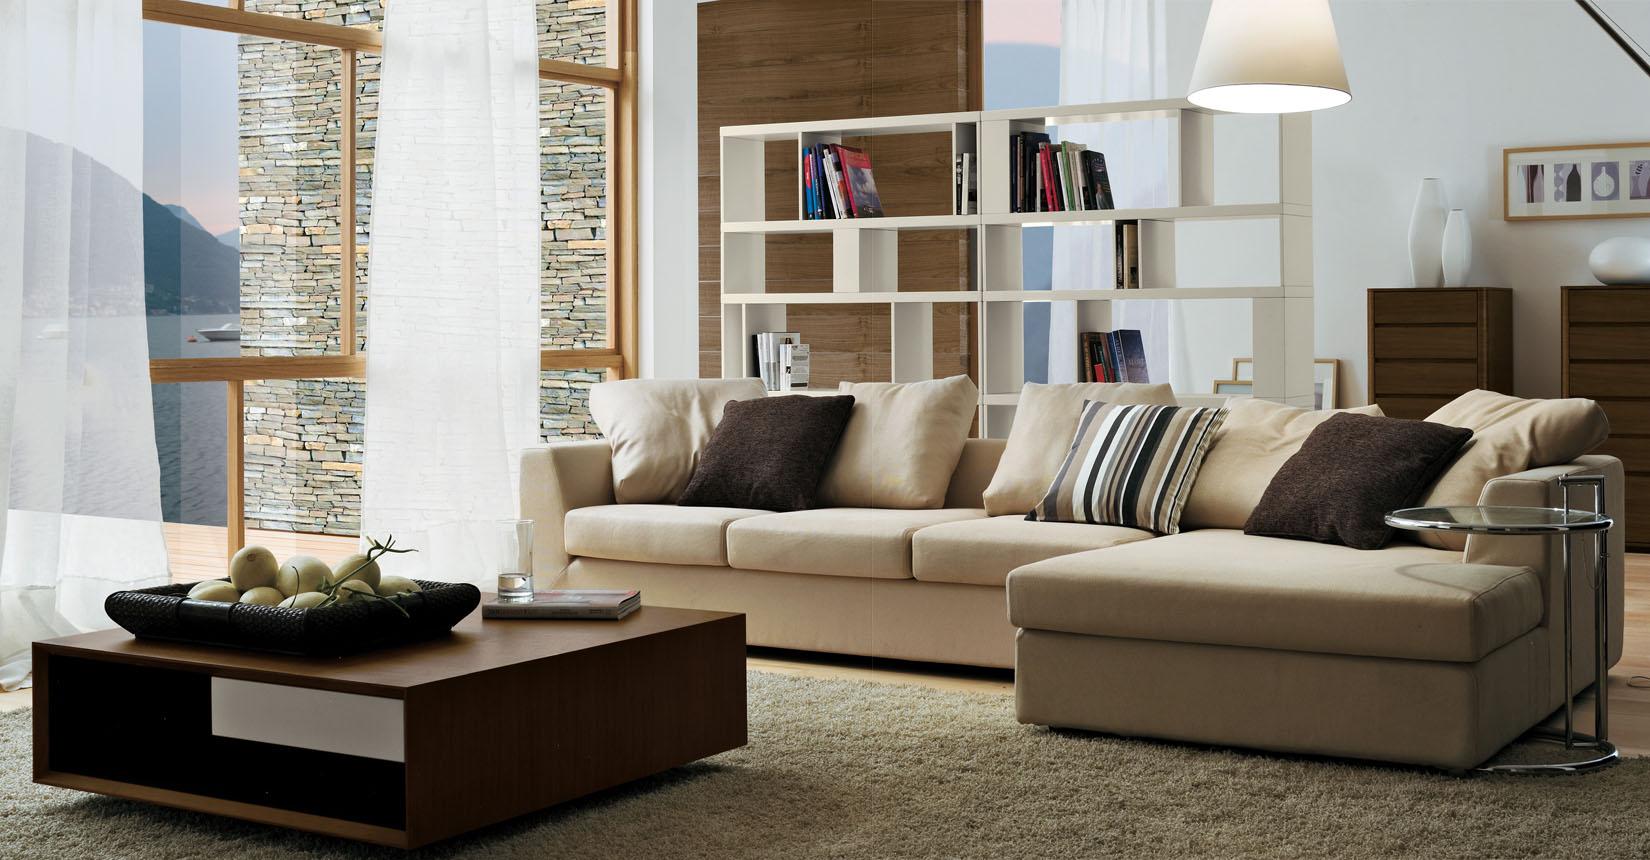 Muebles para tv en puerto rico for Modelos de muebles de sala para departamentos pequenos